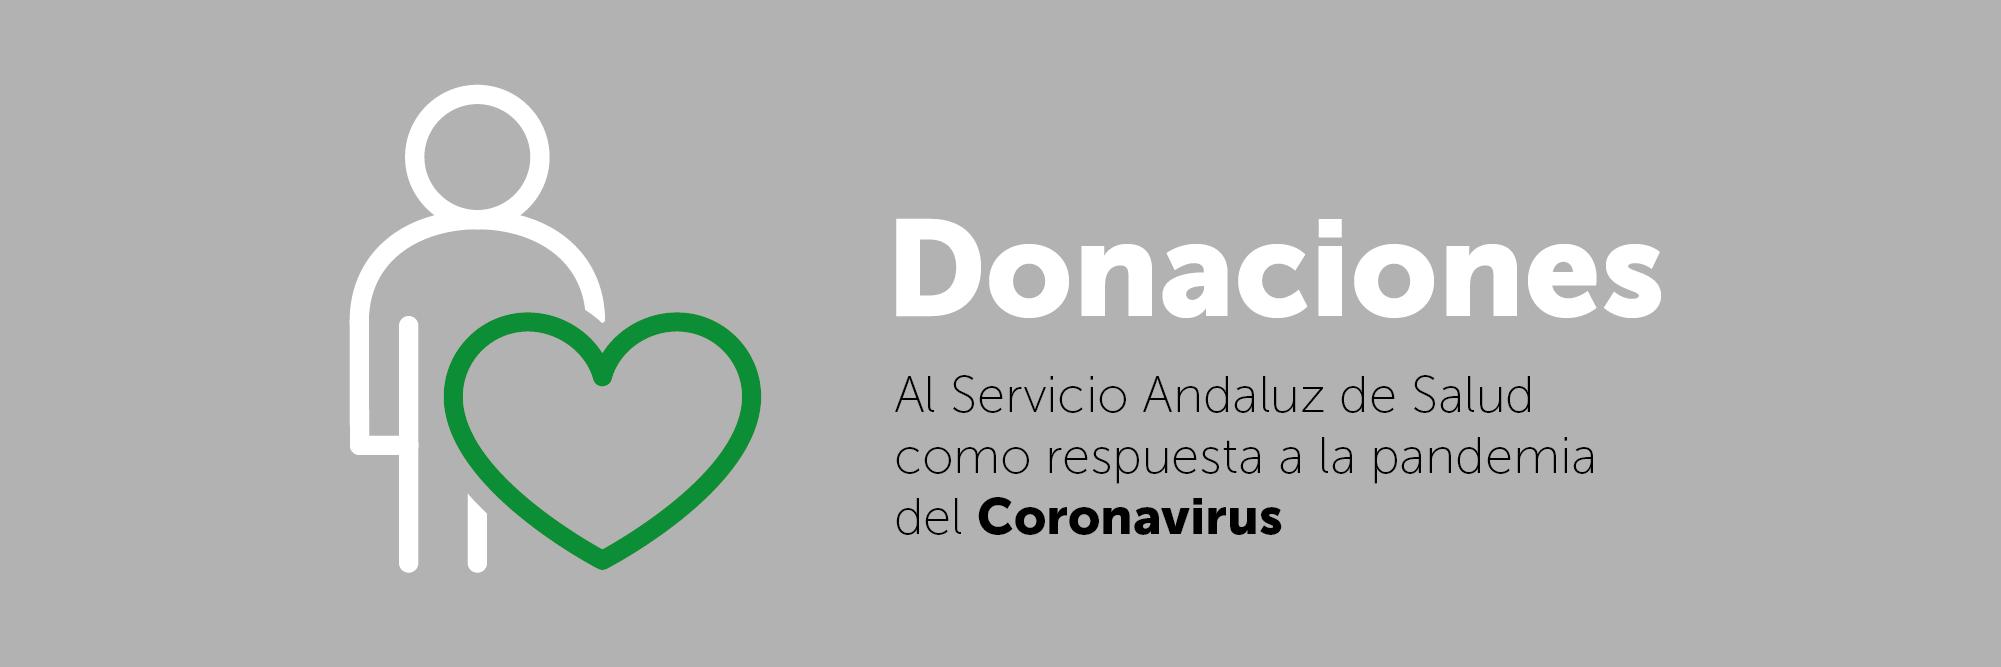 Donaciones al Servicio Andaluz de Salud